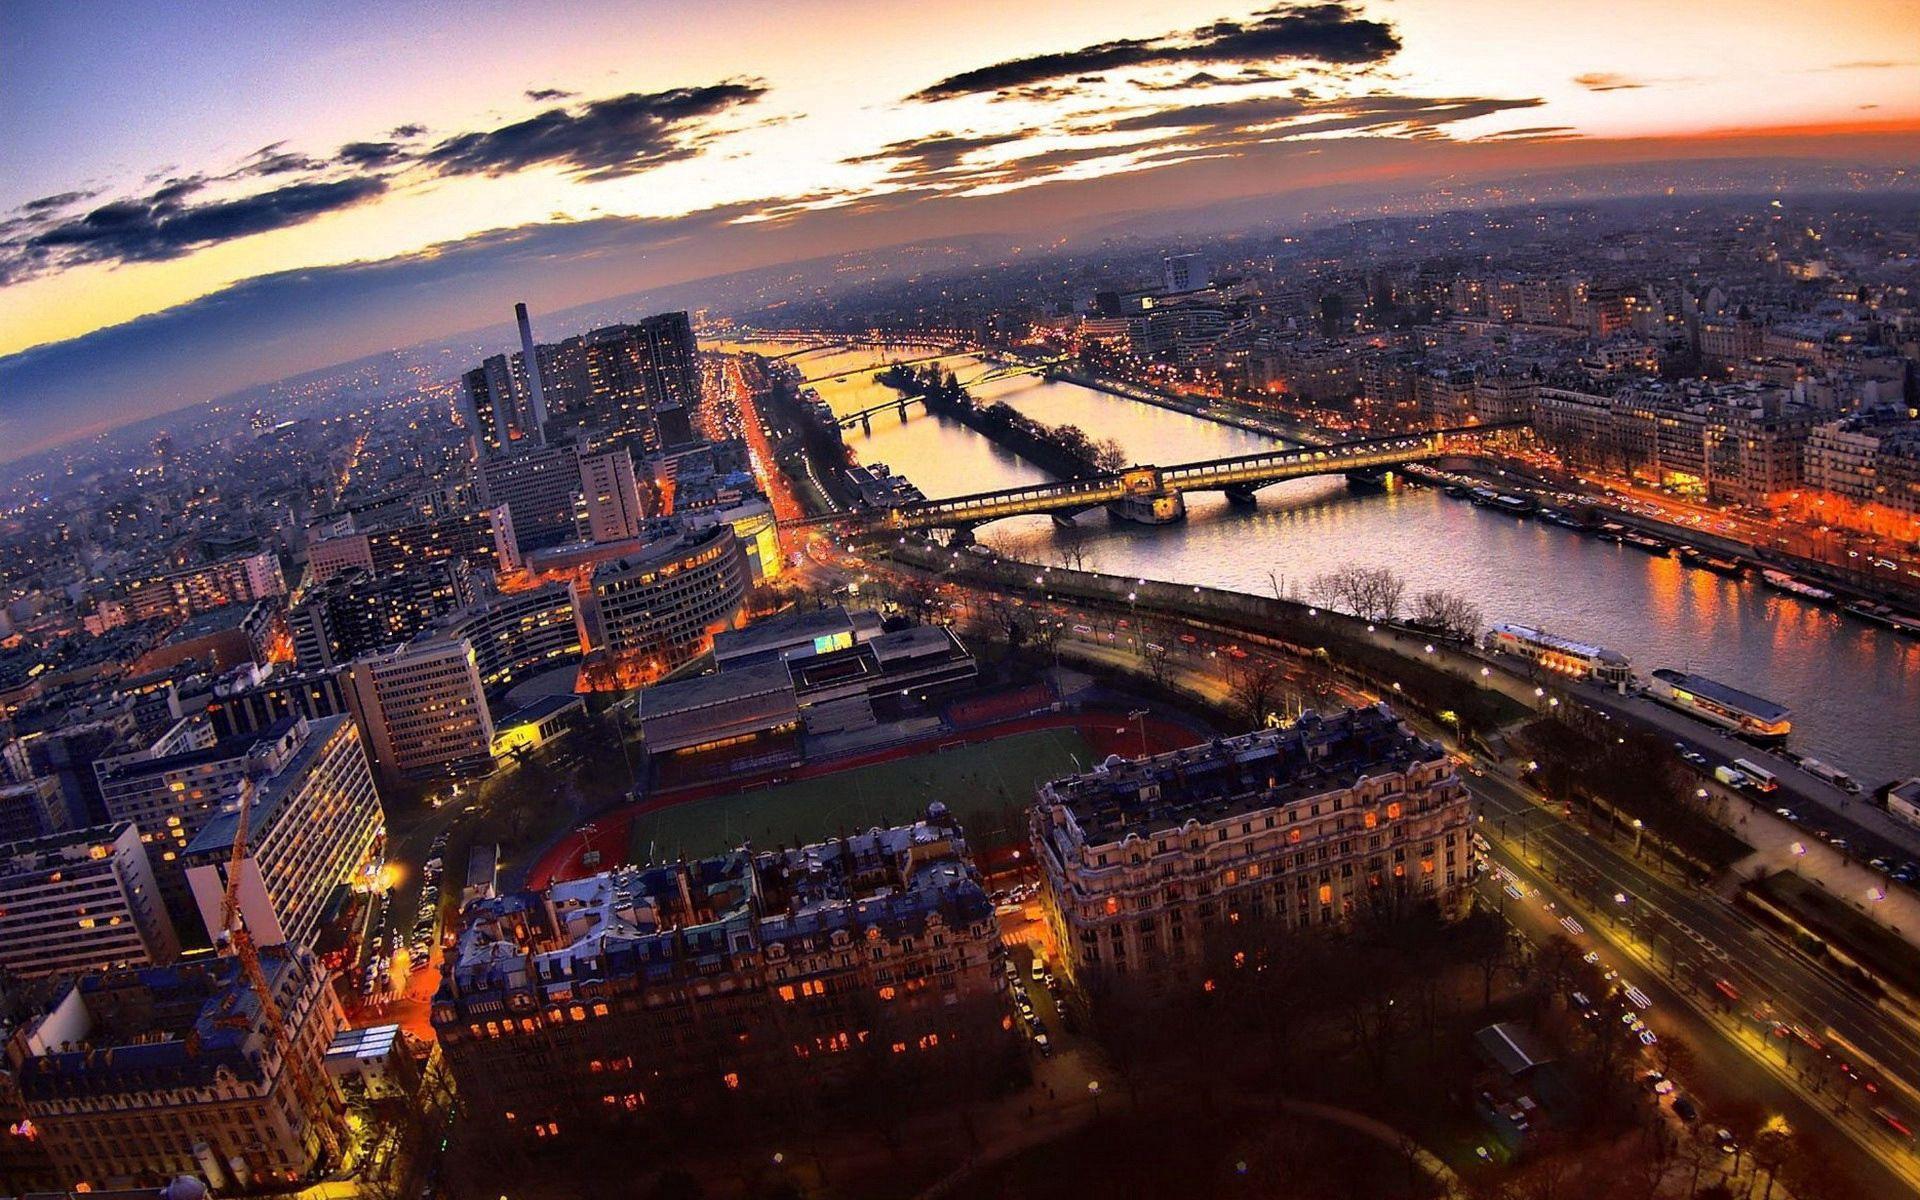 157147壁紙のダウンロードパリ, 高層ビル, 高 層 ビル, ナイト, 輝く, 光, ブリッジ, 橋, 都市-スクリーンセーバーと写真を無料で